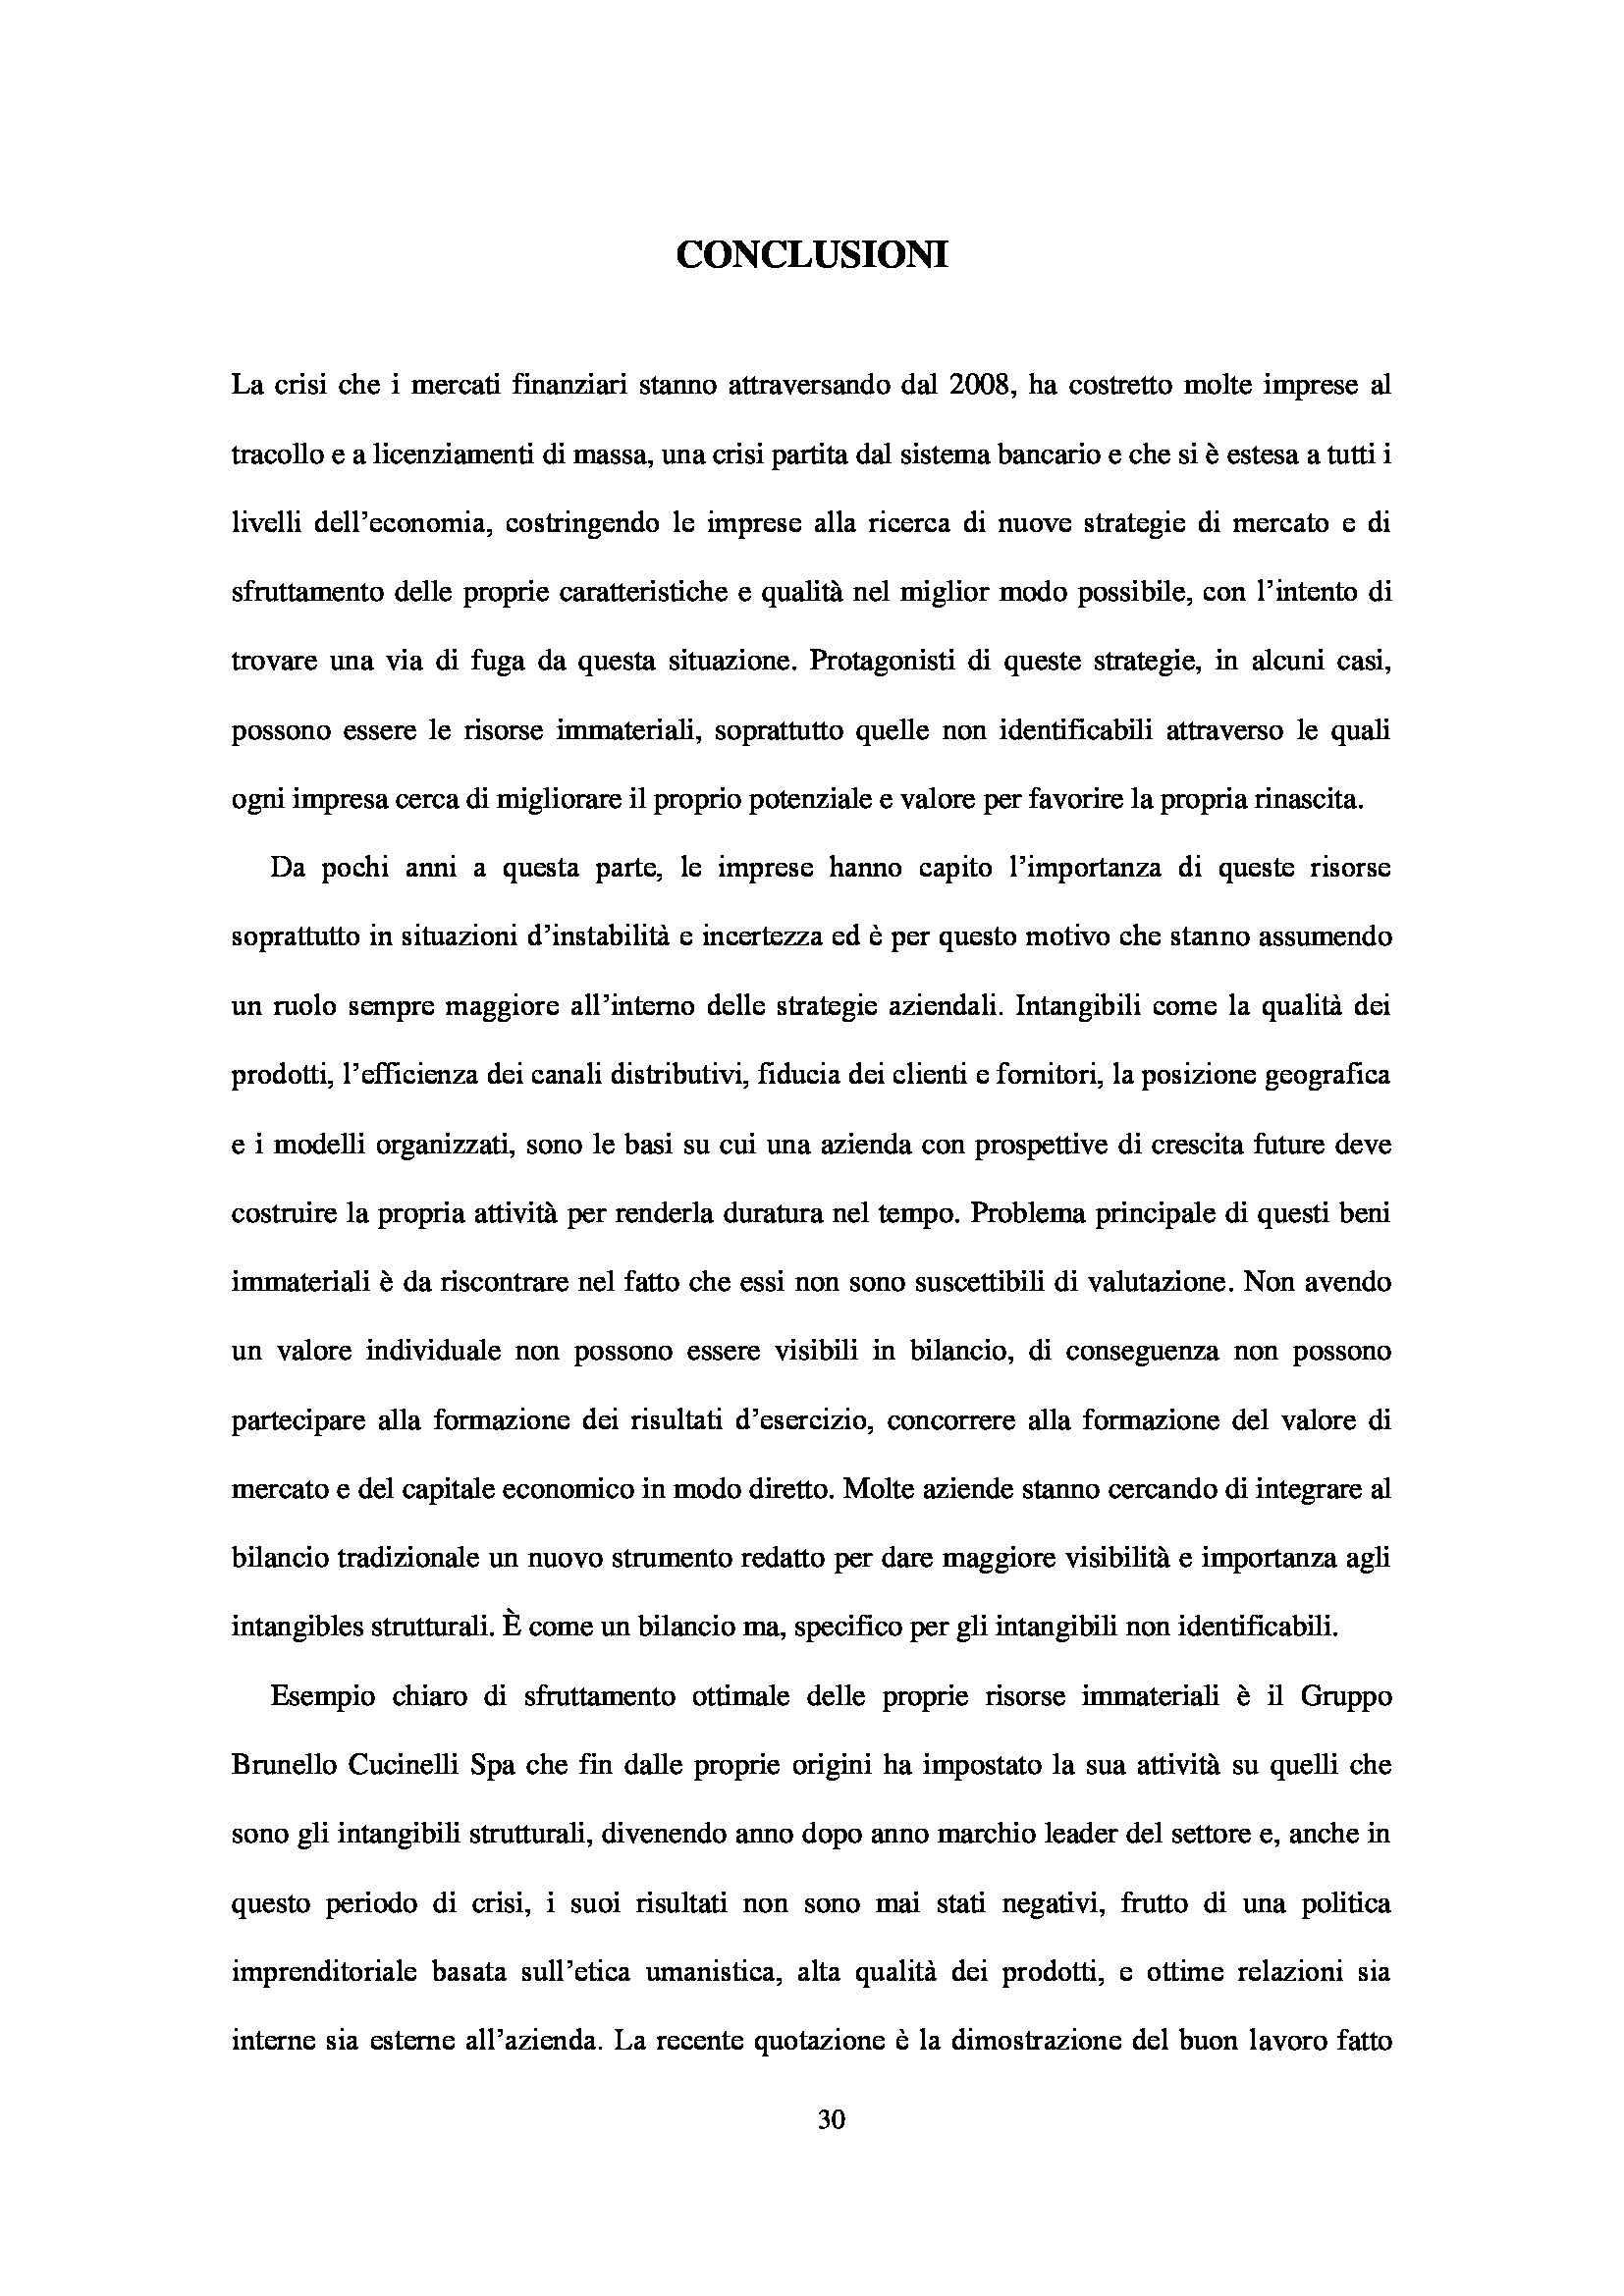 Tesi - L'importanza degli intangibles: il caso Brunello Cucinelli spa Pag. 31